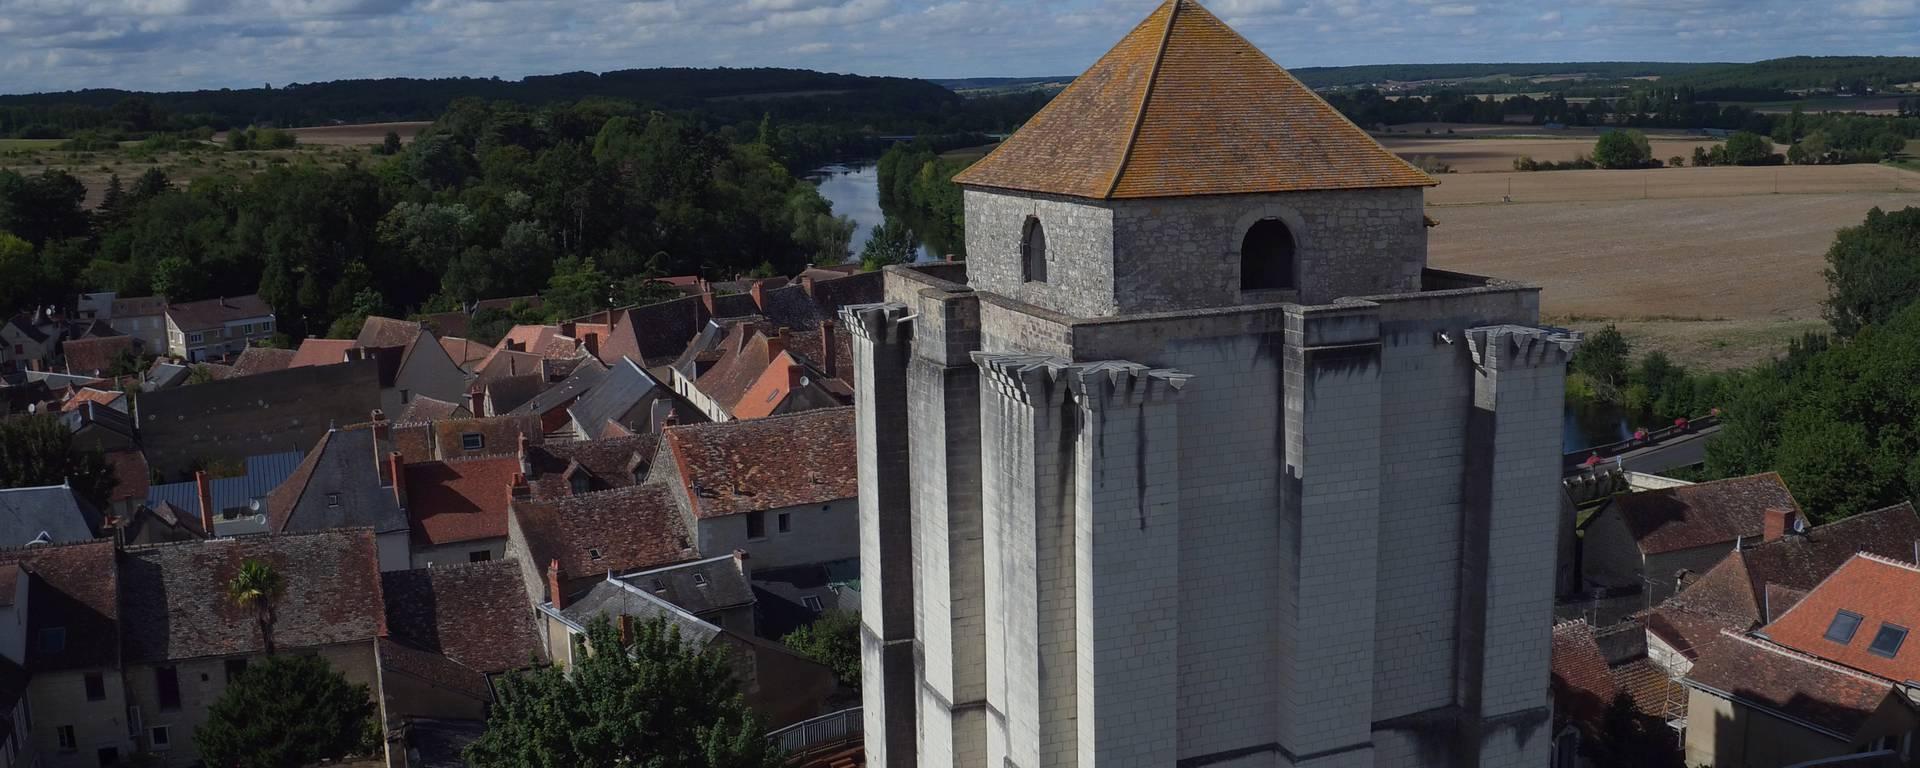 Videomapping Donjon La Roche-Posay